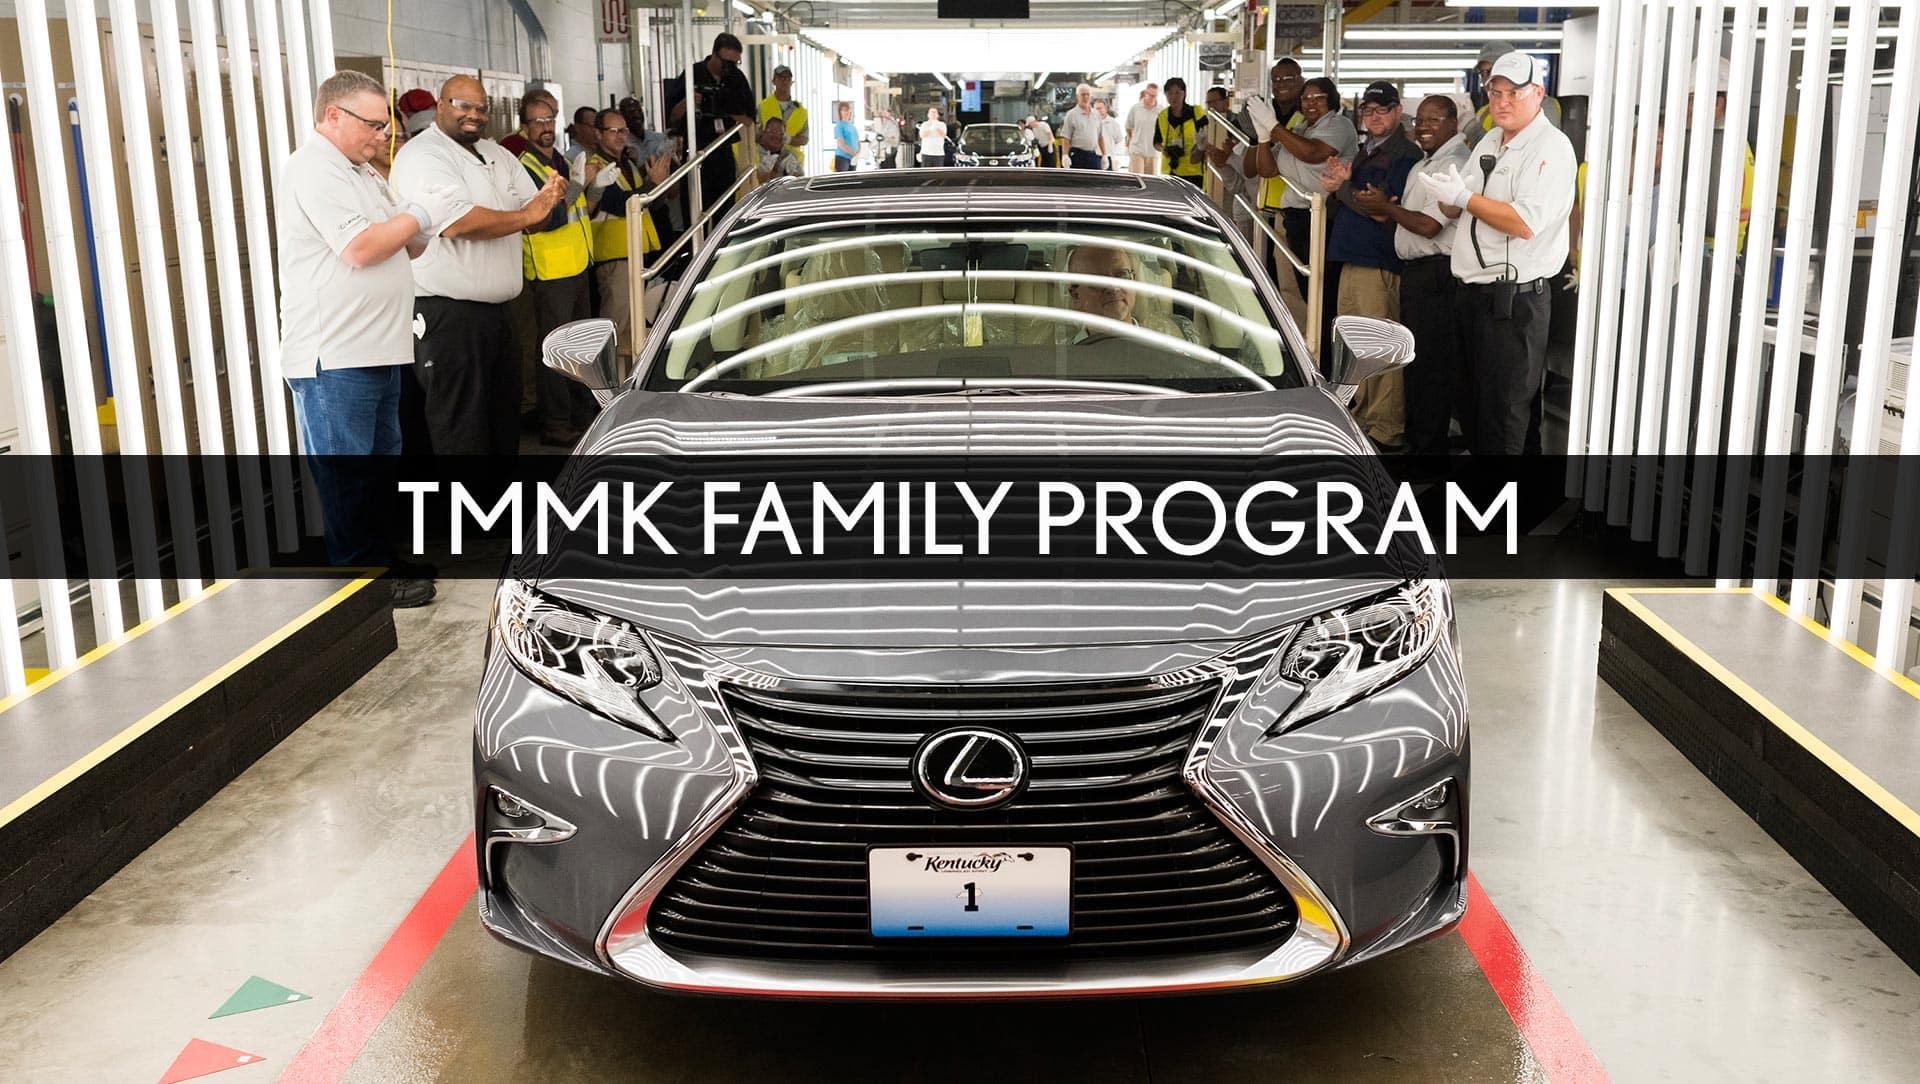 TMMK Family Program Lexington KY